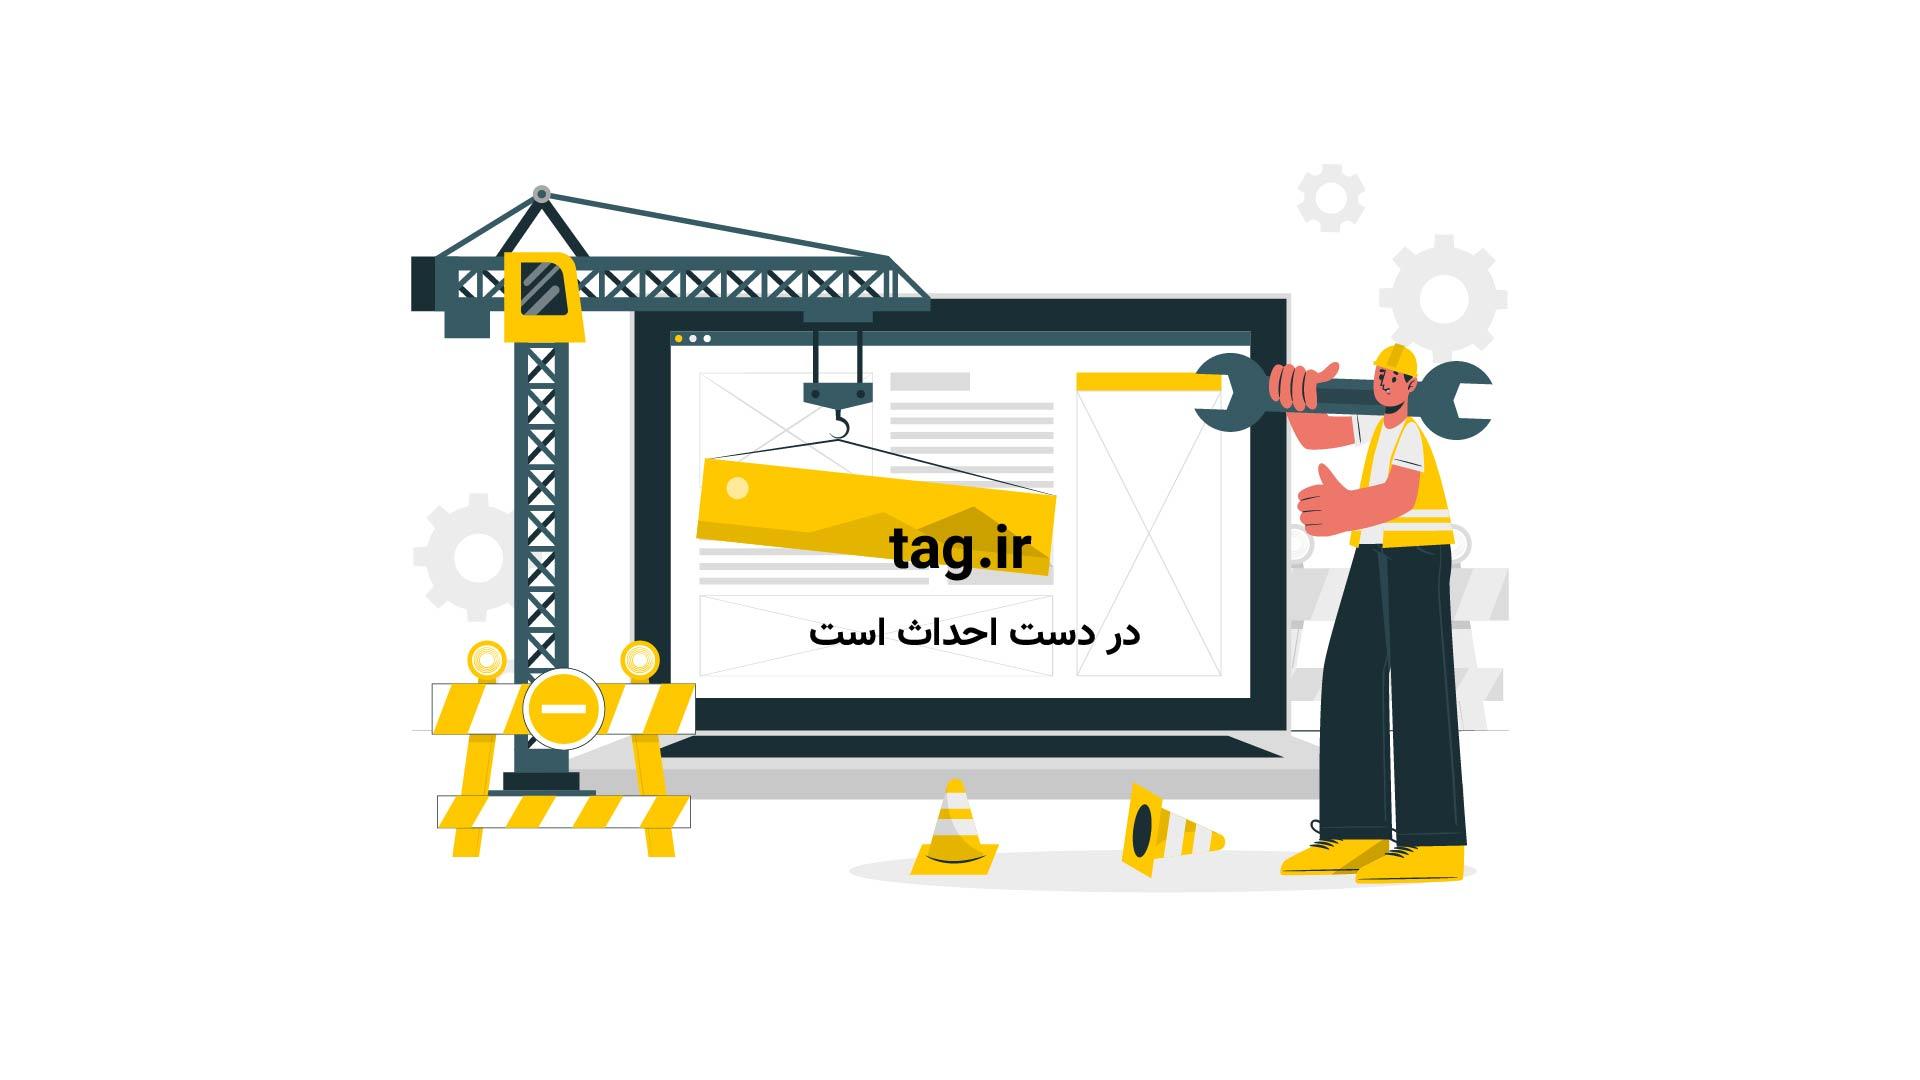 قیمت-خودرو | تگ